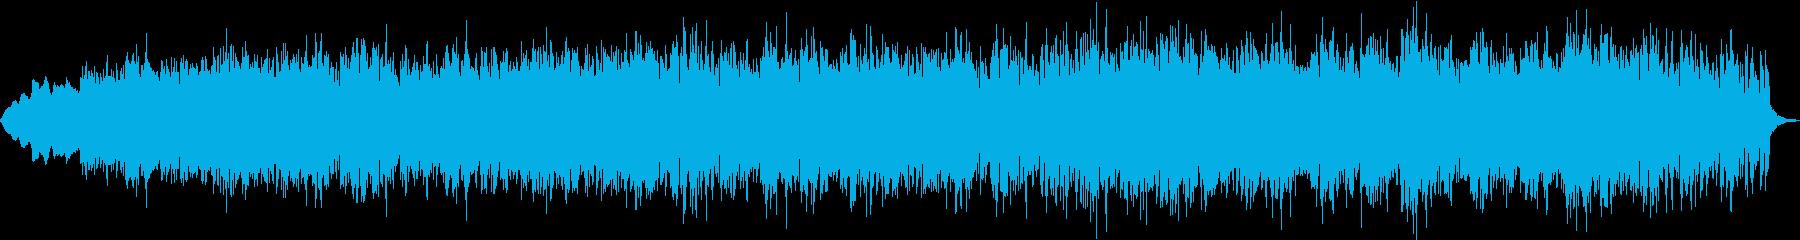 重量感のあるサウンドが癖になるテクノの再生済みの波形